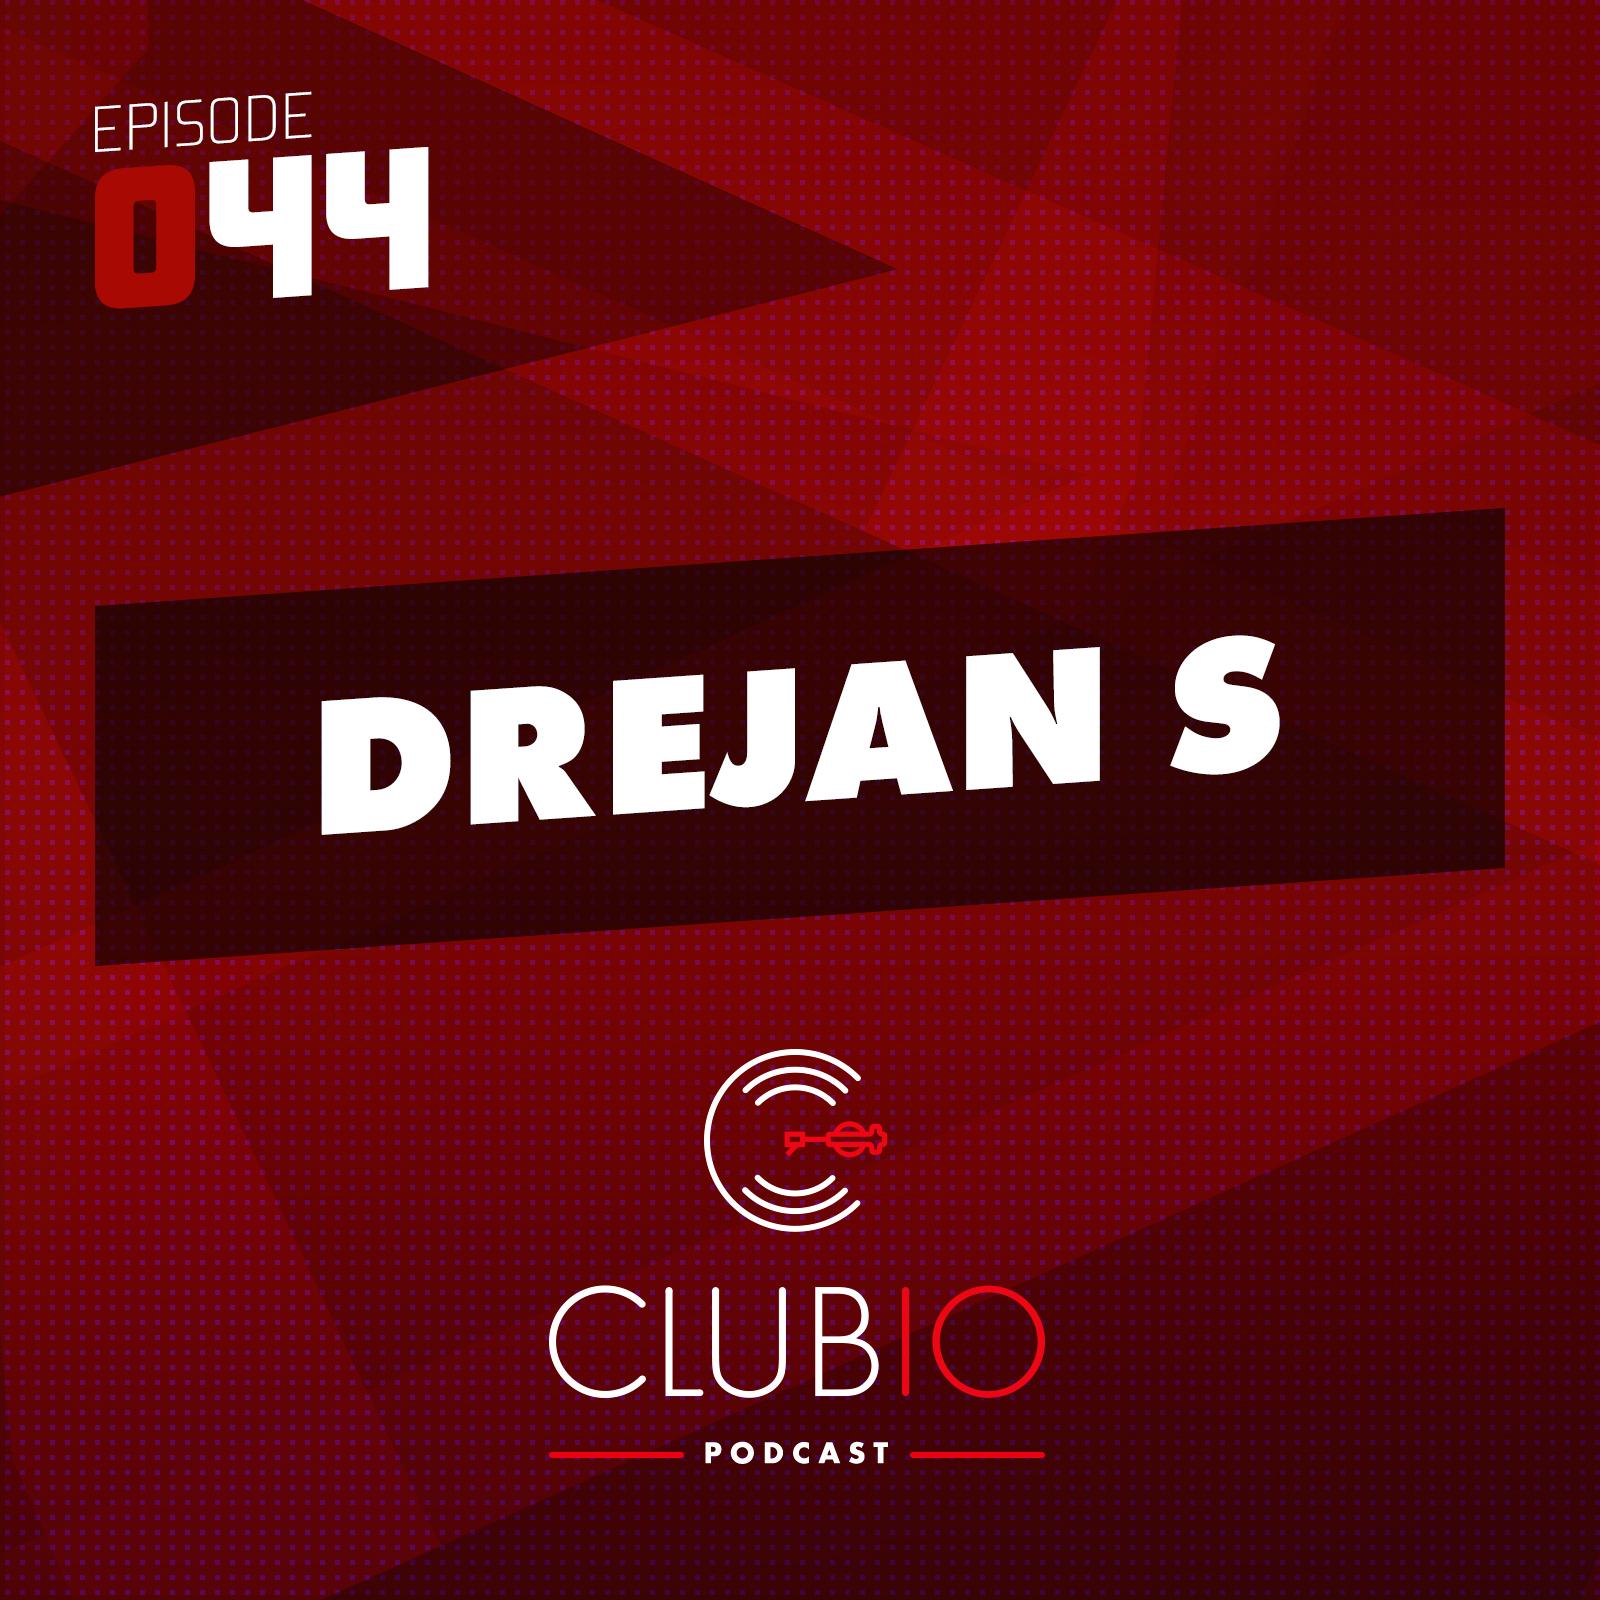 Clubio Podcast 044 - Drejan S